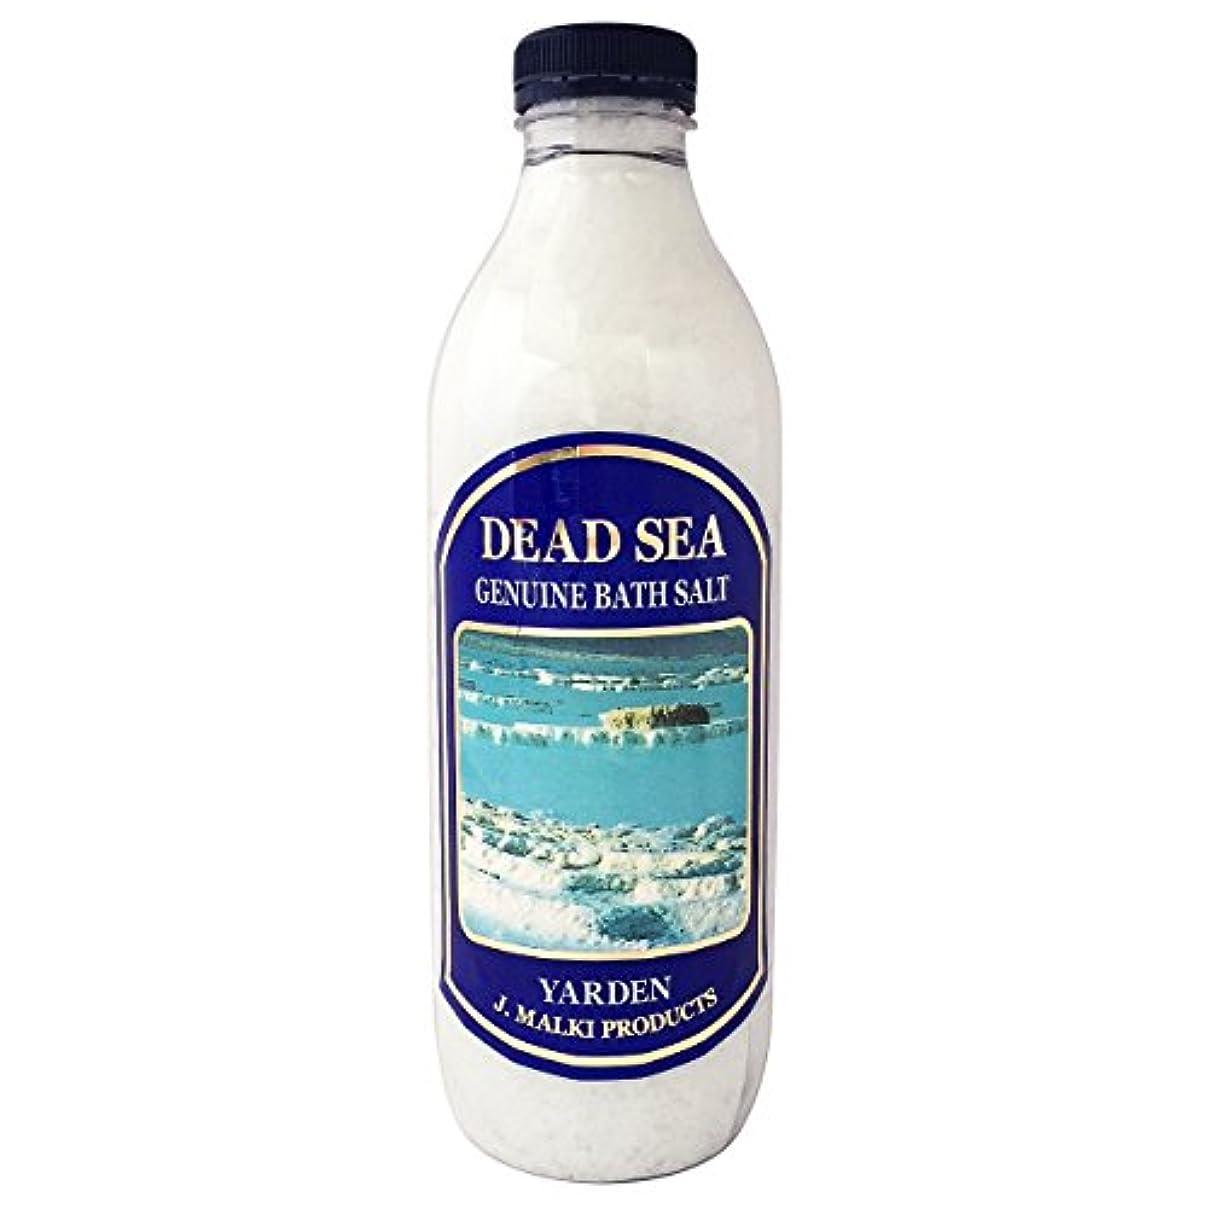 デッドシー?バスソルト 1kg(約10回分)【DEAD SEA BATH SALT】死海の塩/入浴剤(入浴用化粧品)